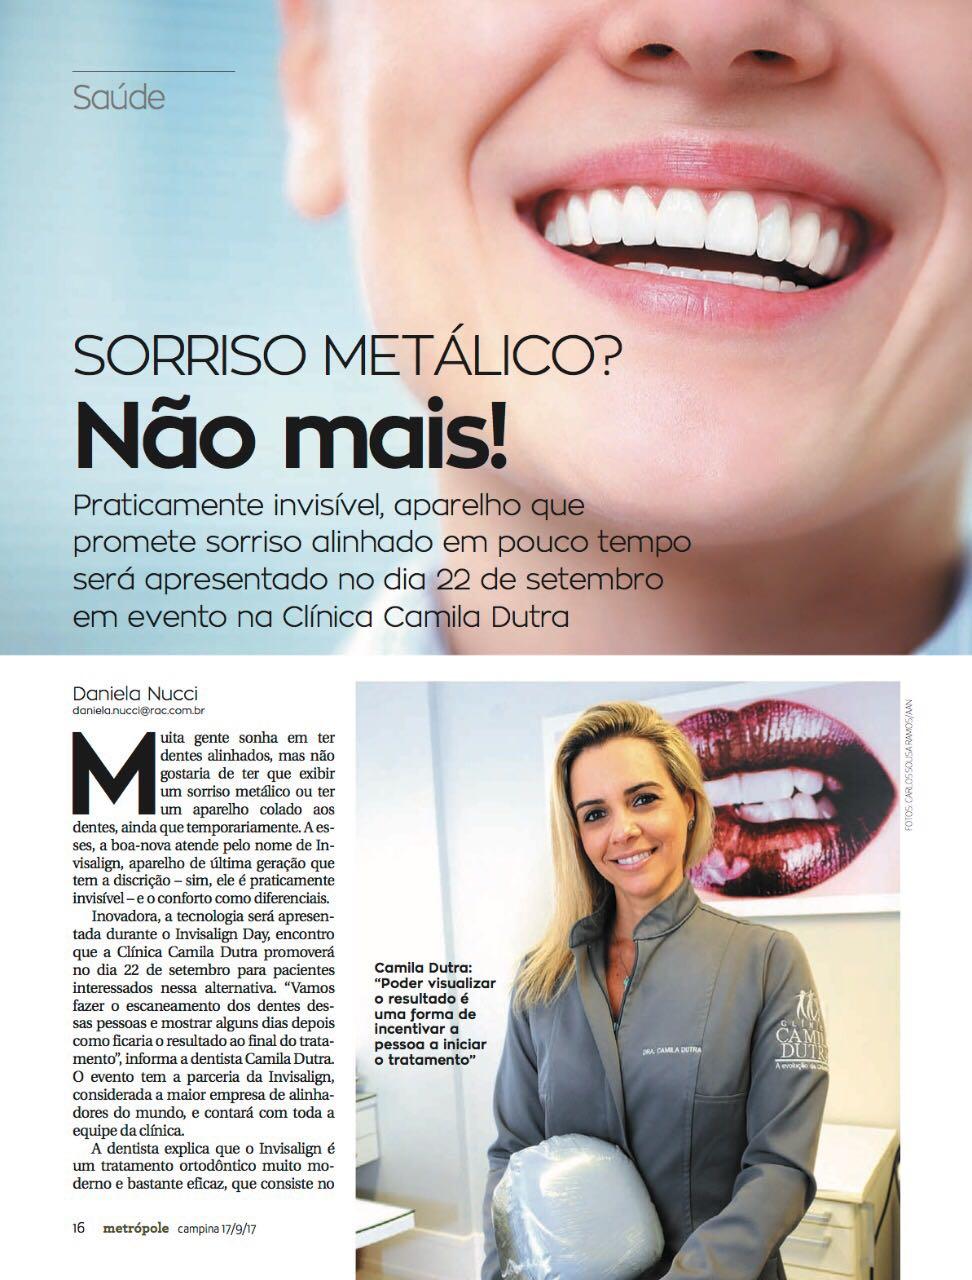 Reportagem da Revista Metrópole com a equipe da Clínica Camila Dutra